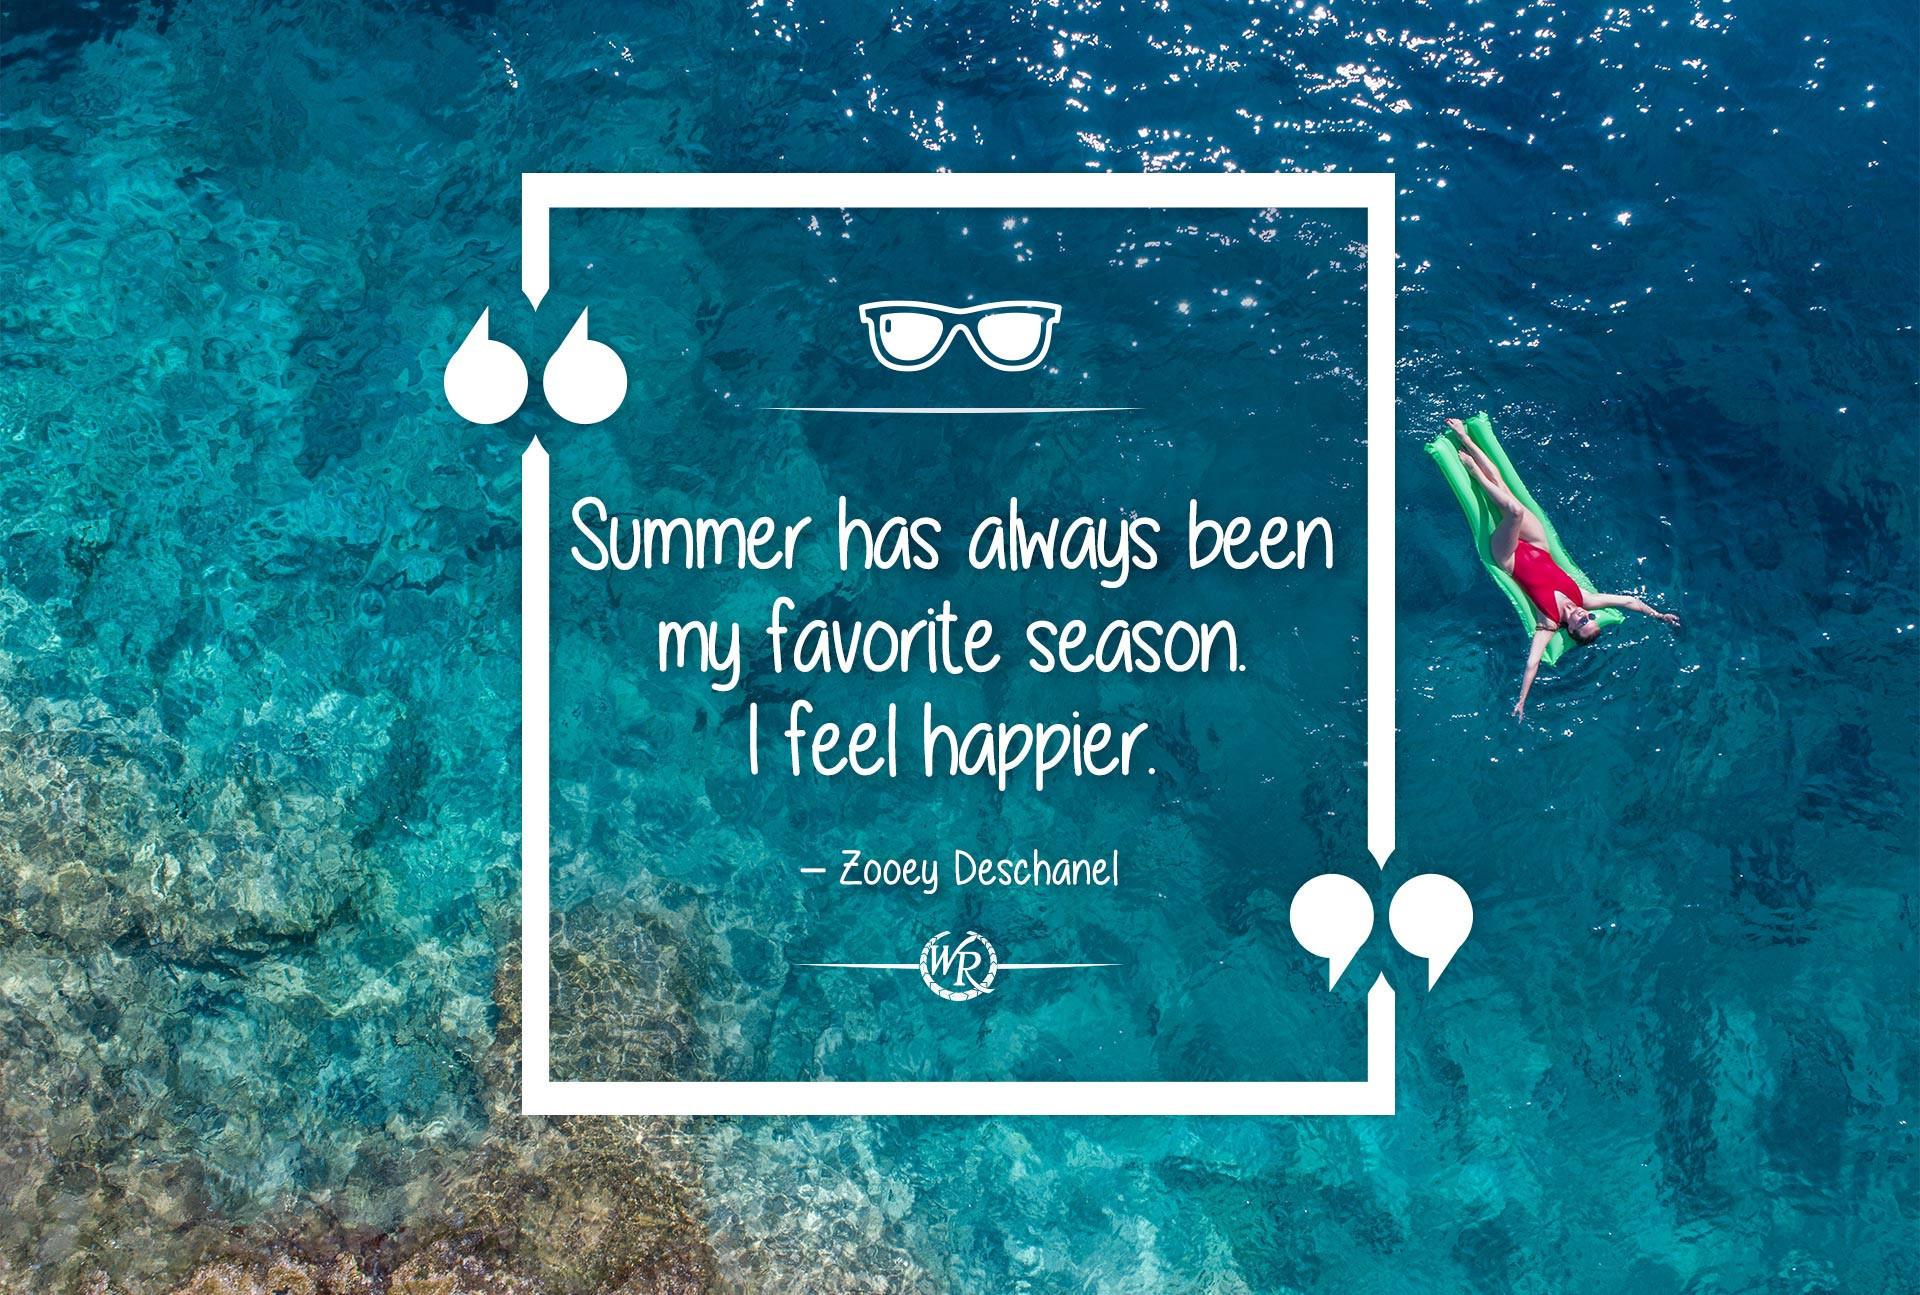 Summer Has Always Been My Favorite Season. I Feel Happier | Zooey Deschanel | Motivational Travel Quotes